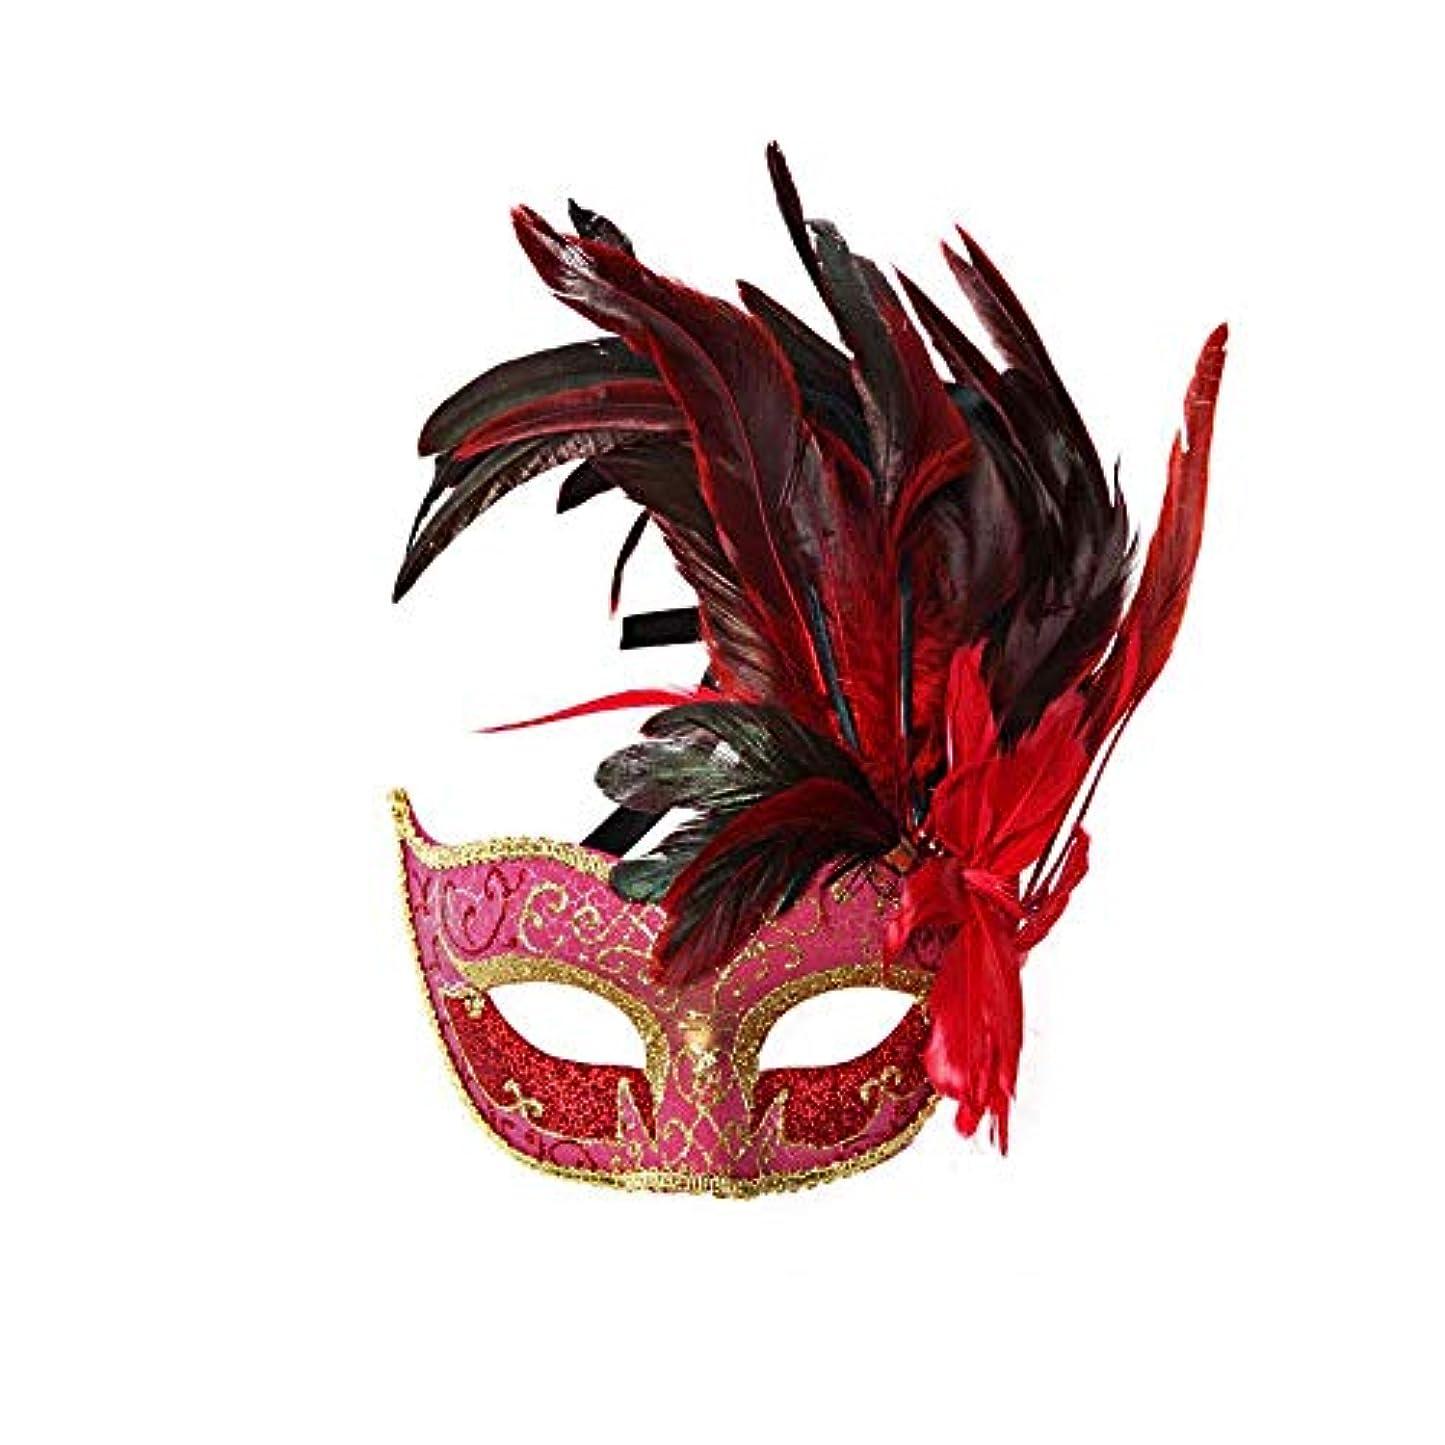 レトルトくつろぐ結婚したNanle ハロウィンマスクハーフフェザーマスクベニスプリンセスマスク美容レース仮面ライダーコスプレ (色 : Style A red)